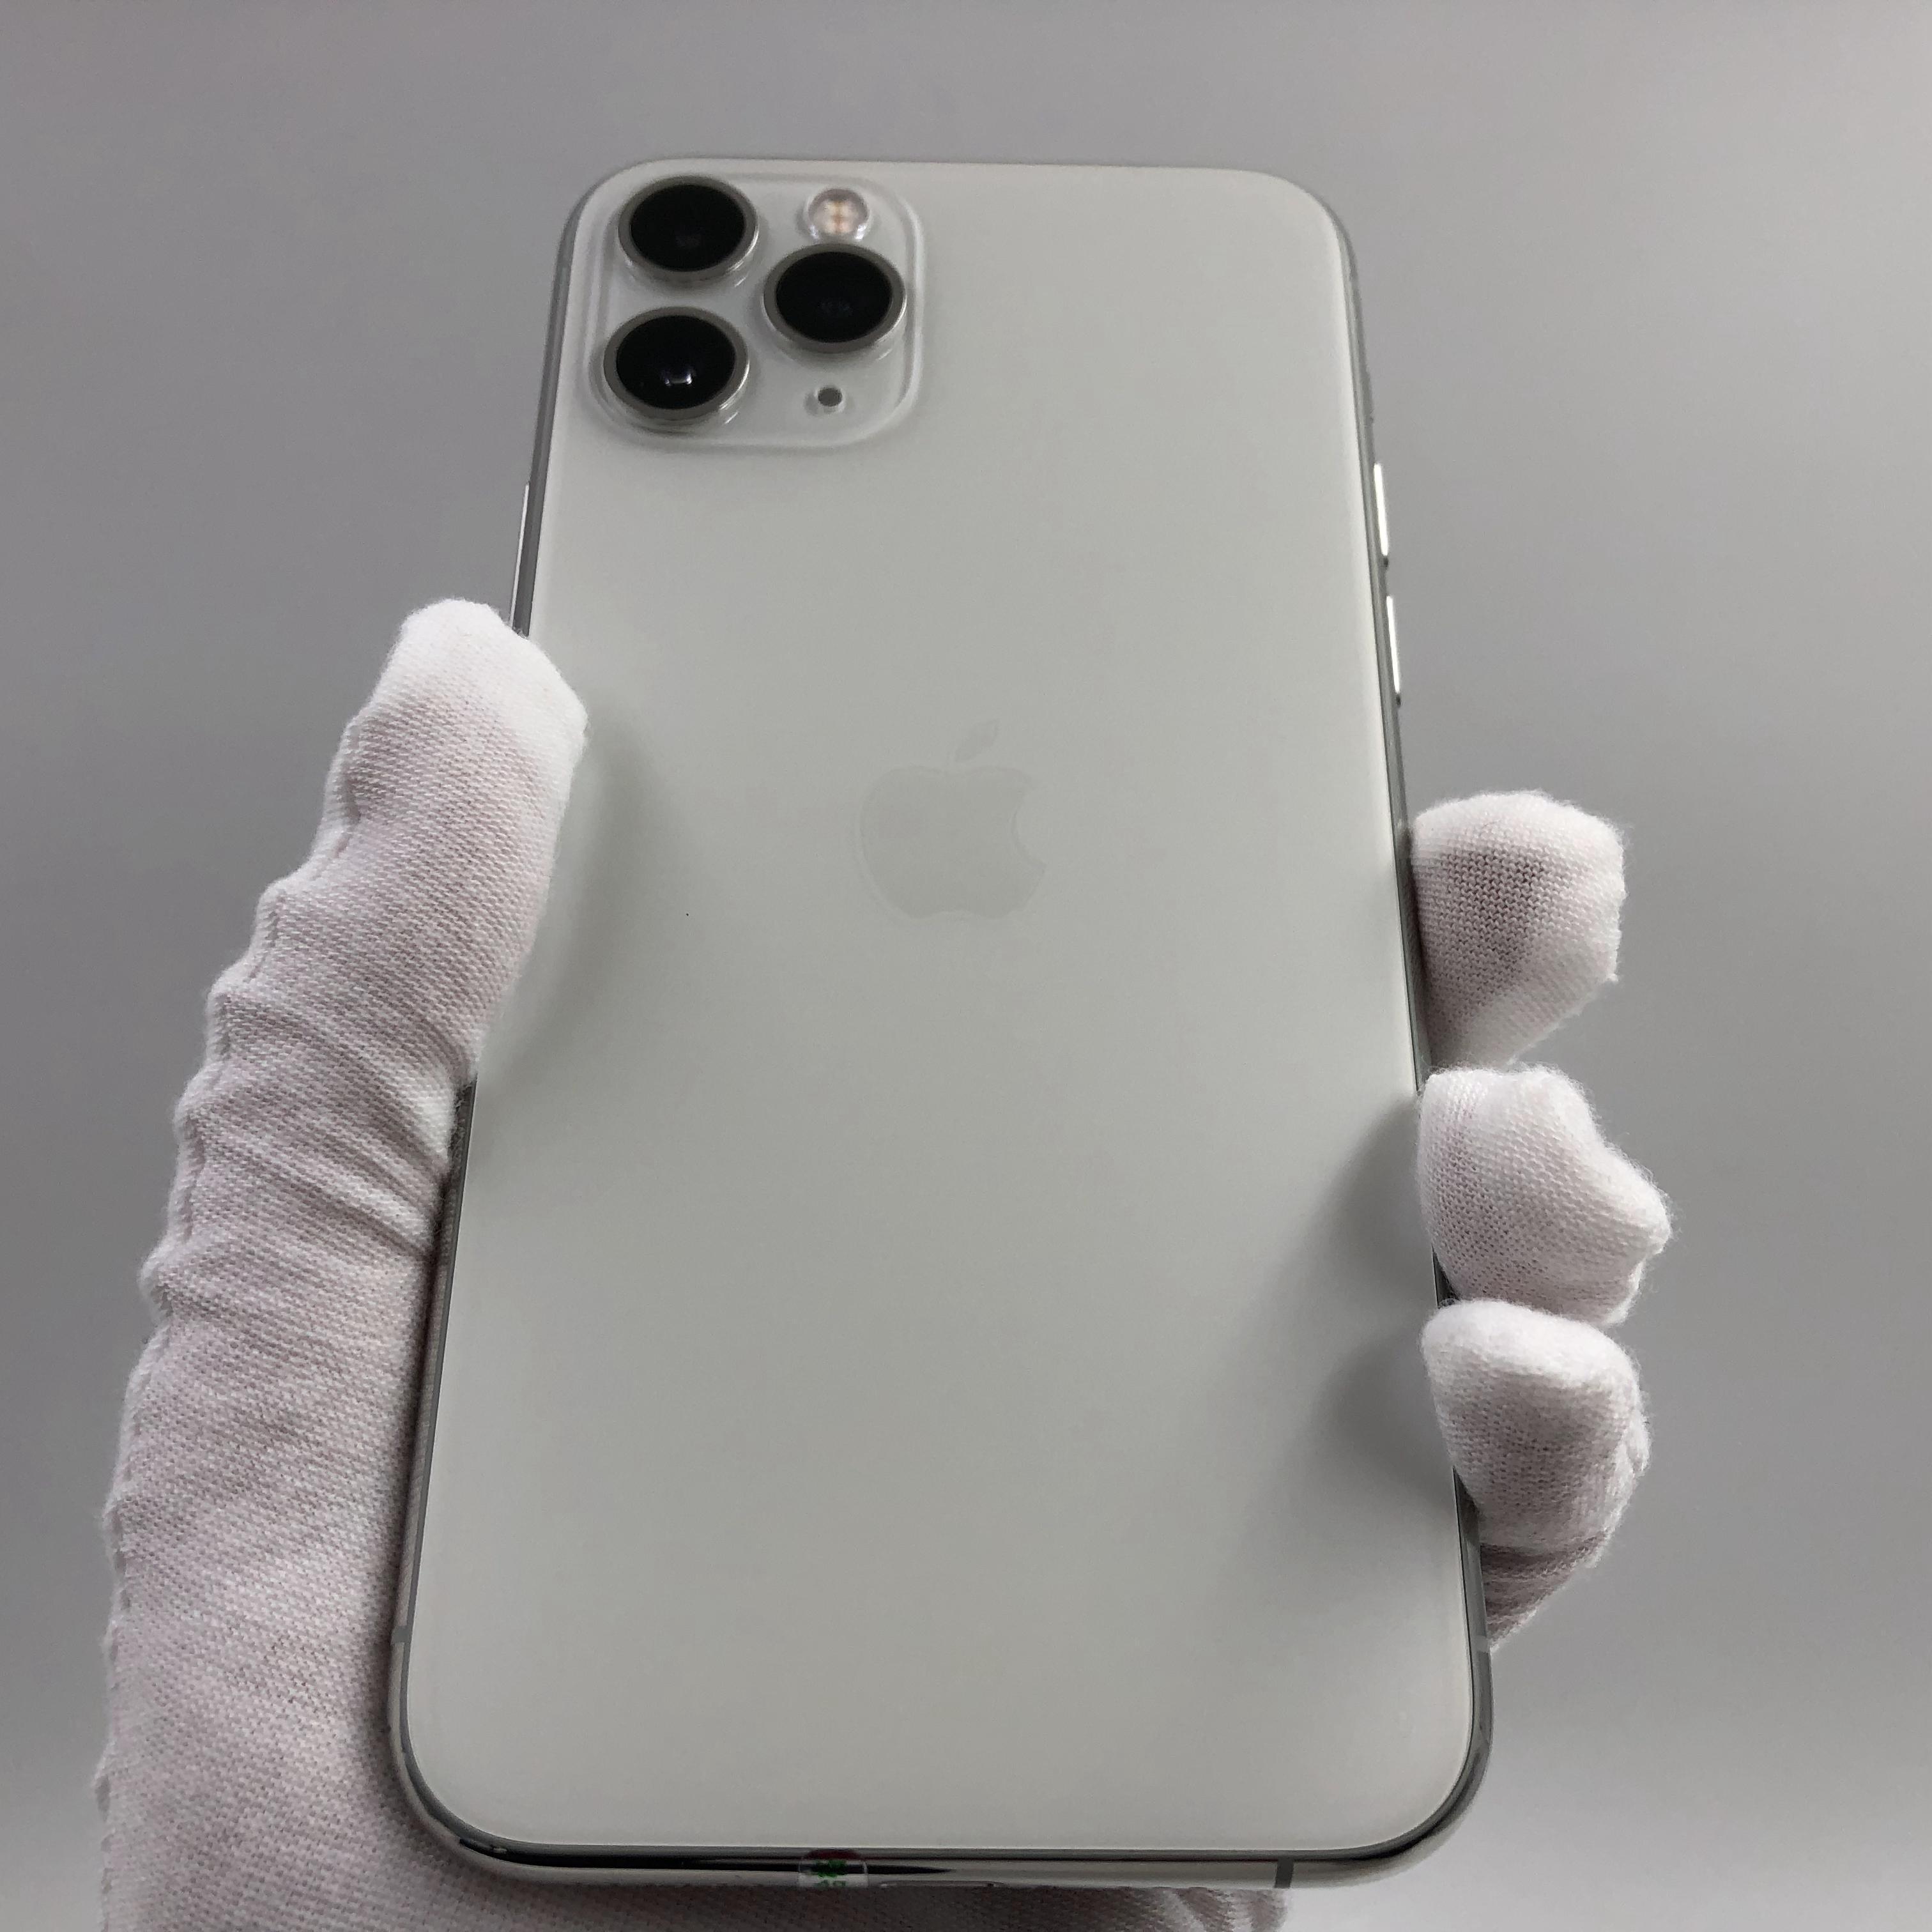 苹果【iPhone 11 Pro】4G全网通 银色 256G 国行 8成新 真机实拍